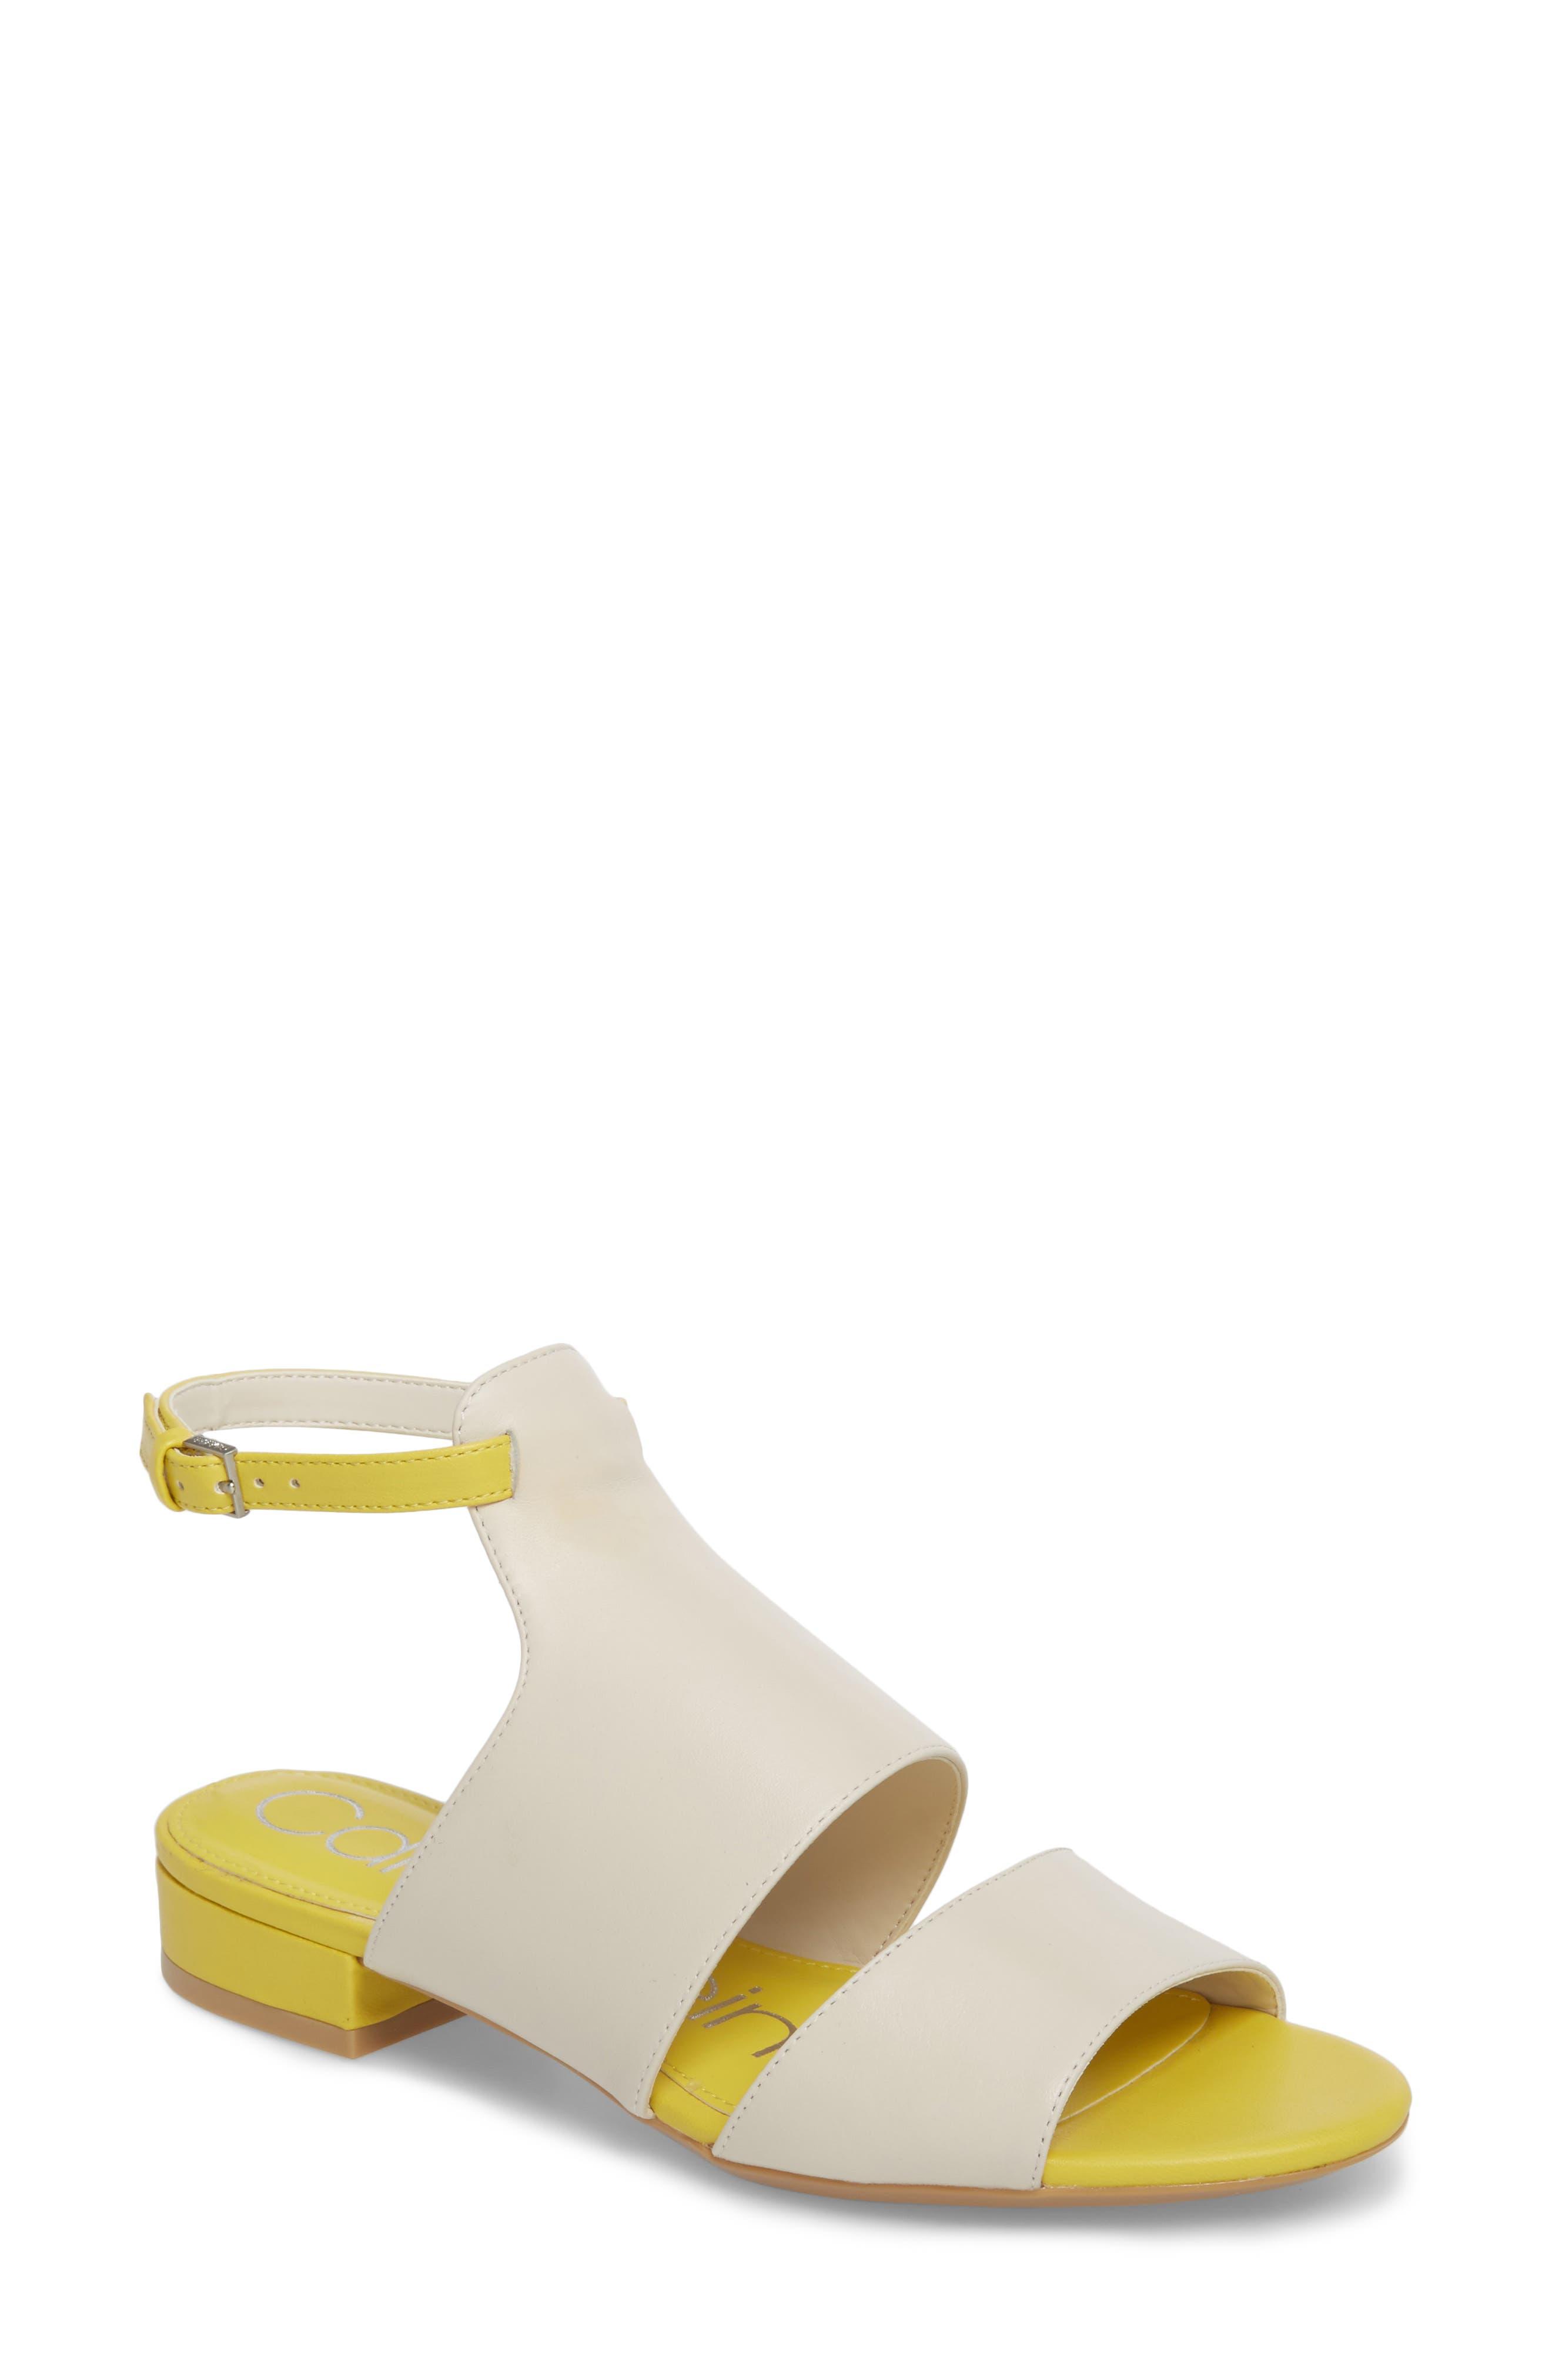 Fernarda Sandal,                             Main thumbnail 1, color,                             Soft White Leather